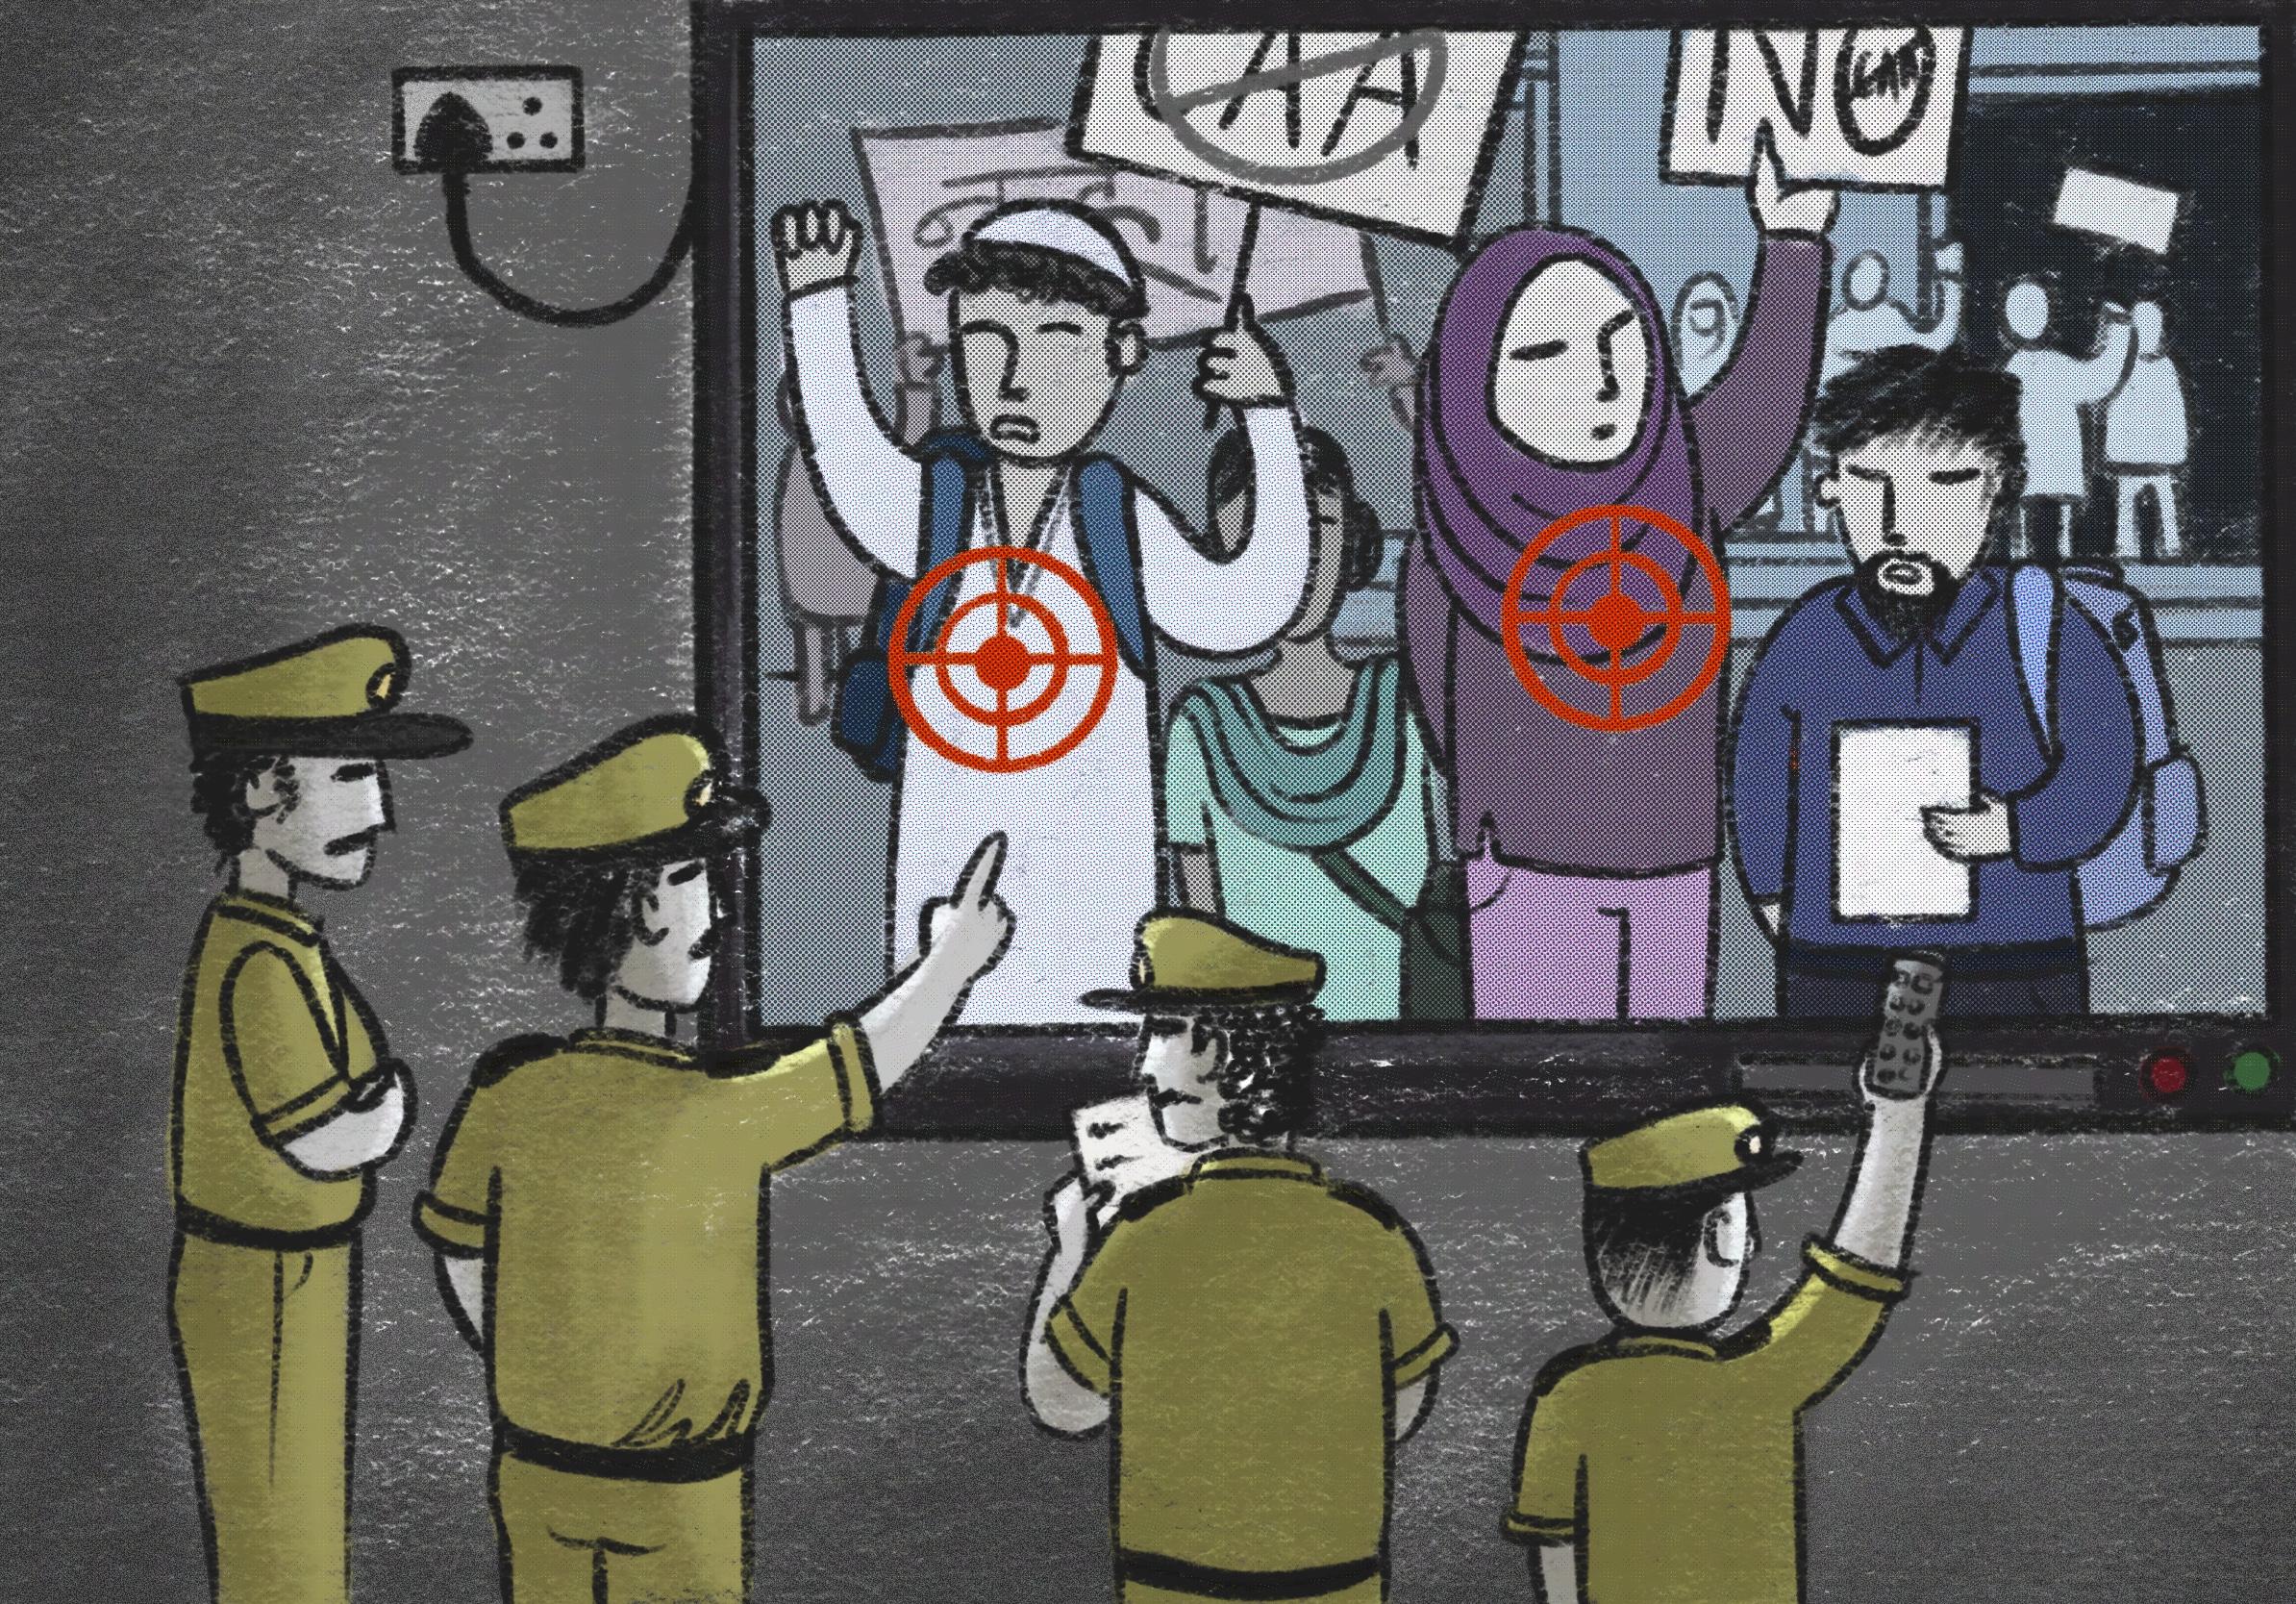 जामिया और ए.एम.यू में पुलिस बर्बरता को एक साल | मधुर भारतीय